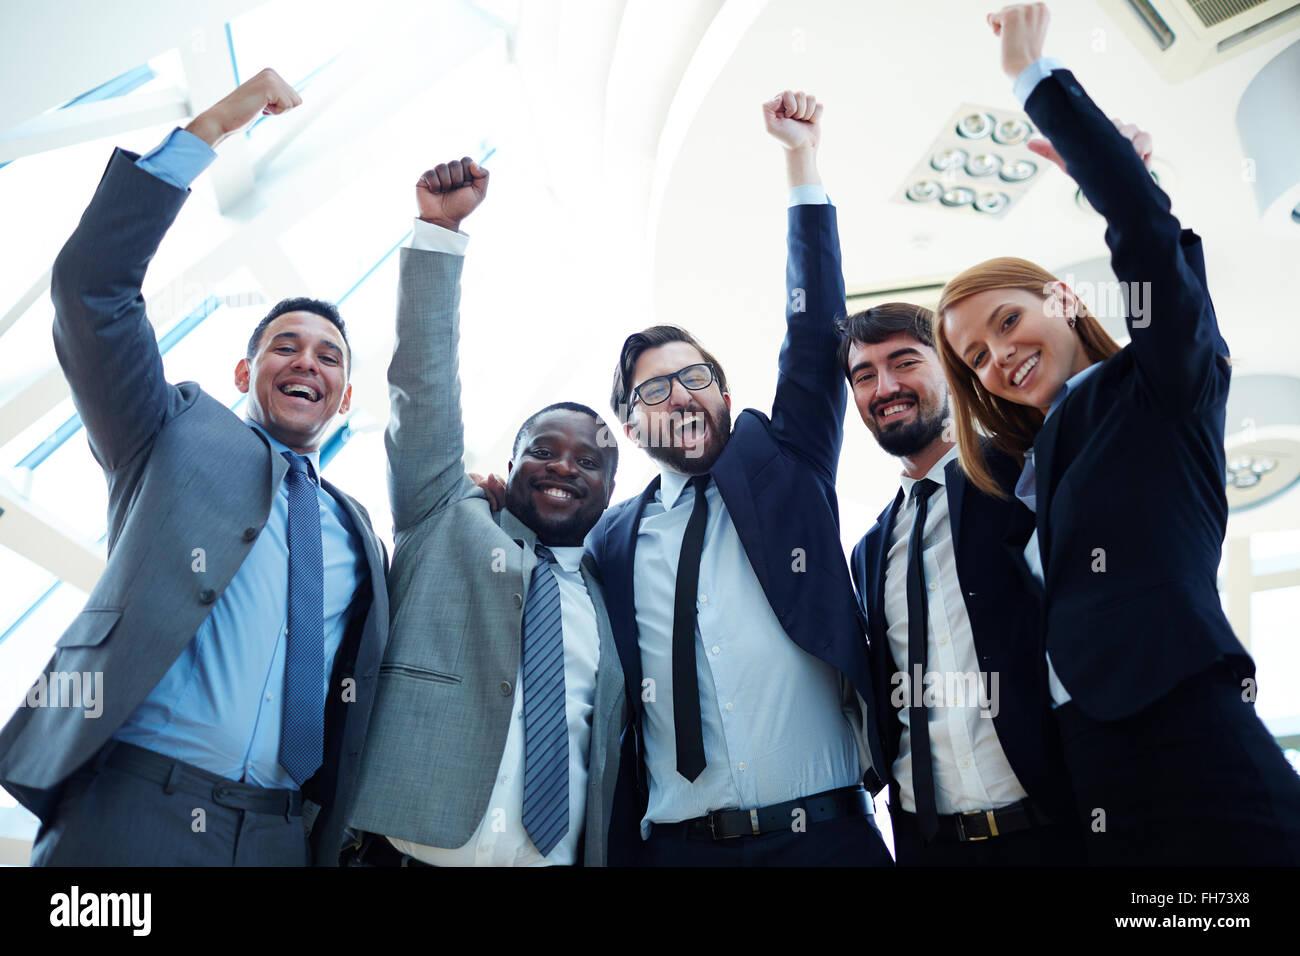 Partenaires d'affaires en costumes extatique levant les bras et l'expression de triomphe Photo Stock